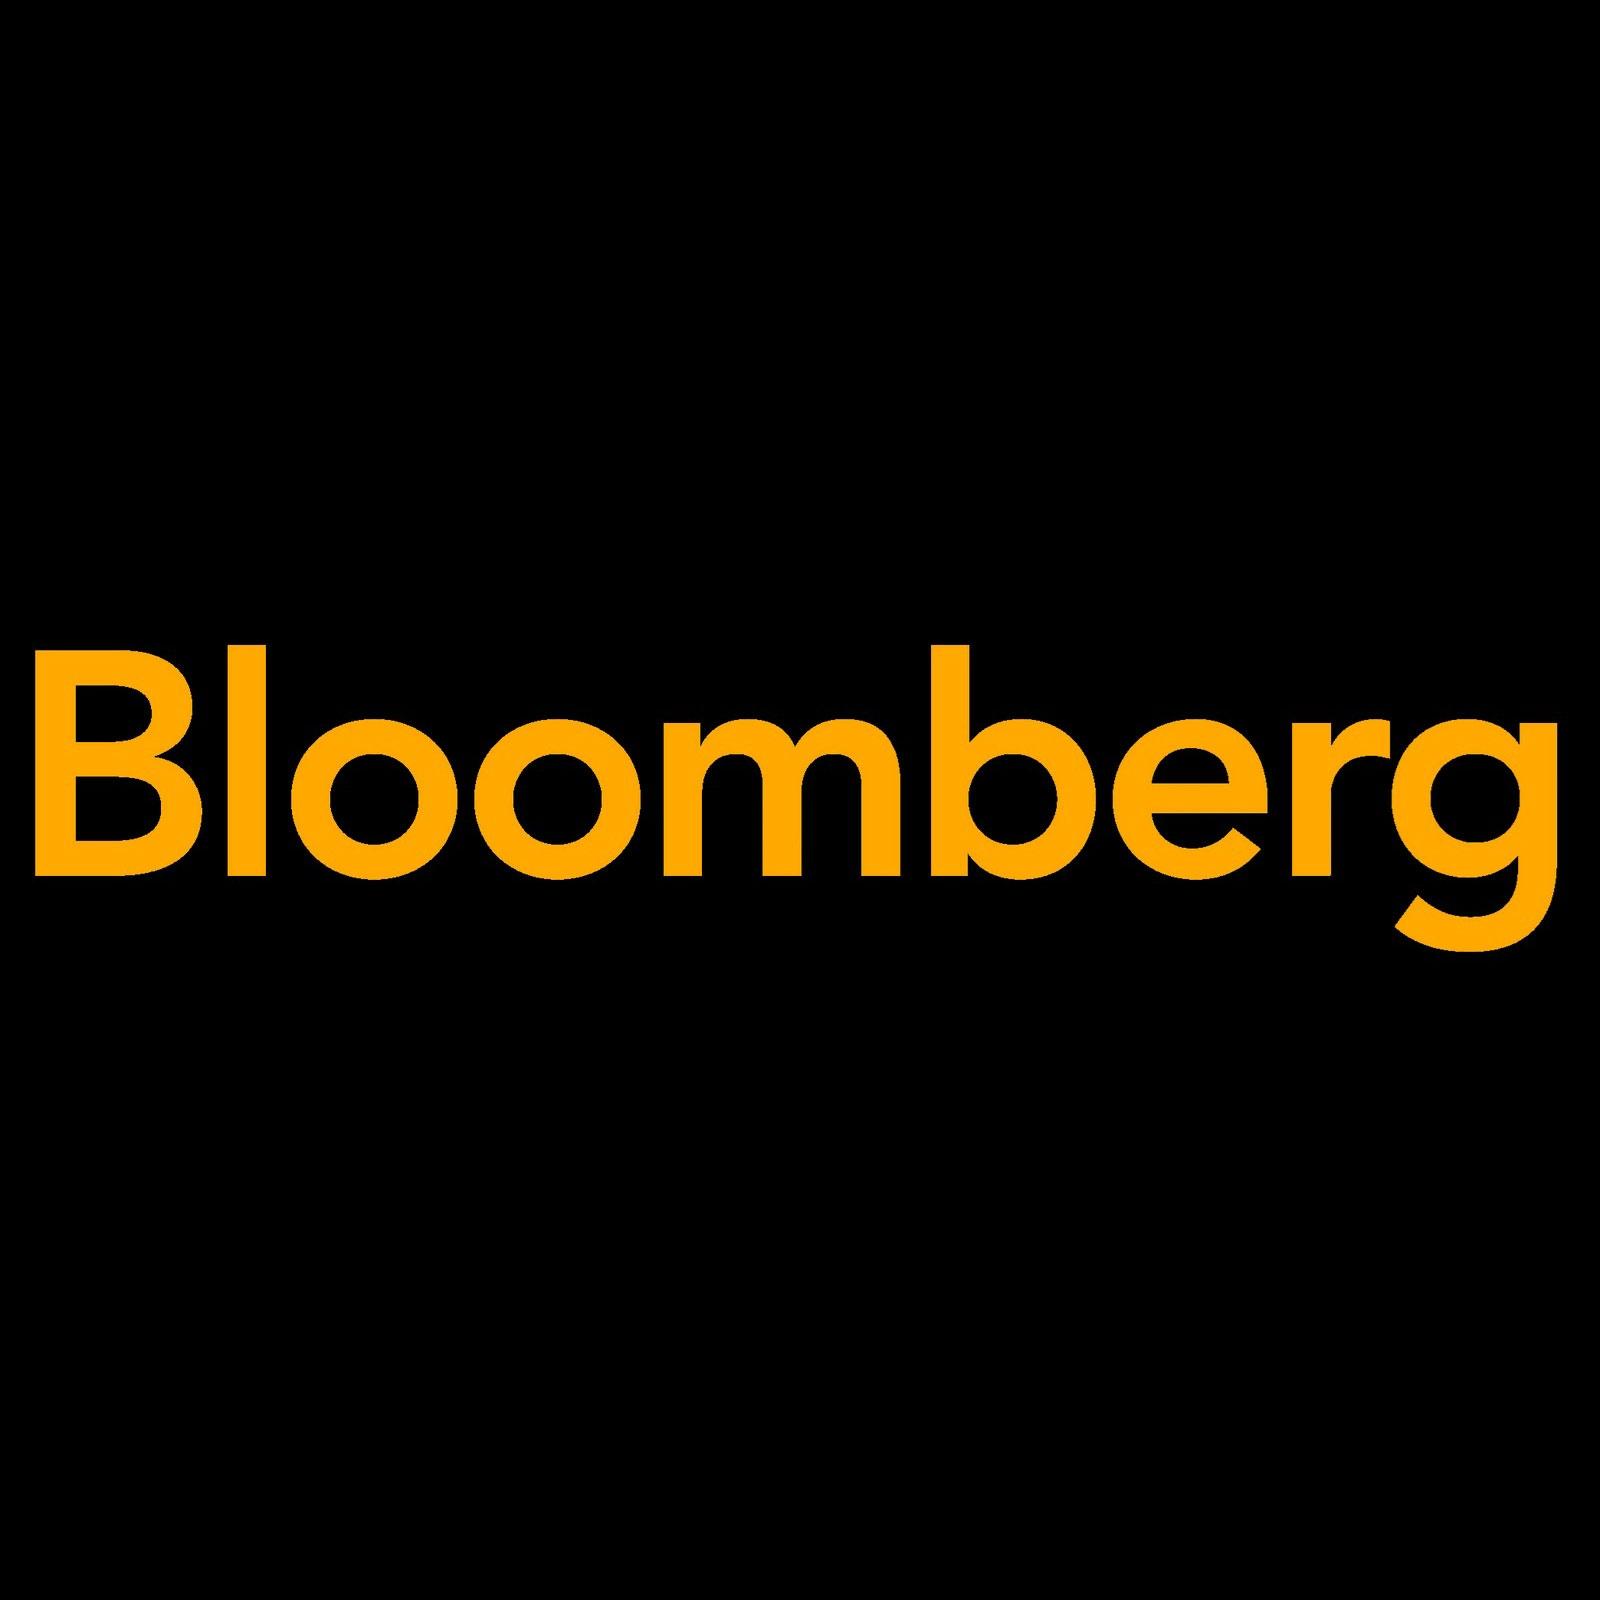 آشنایی با شبکه خبری بلومبرگ